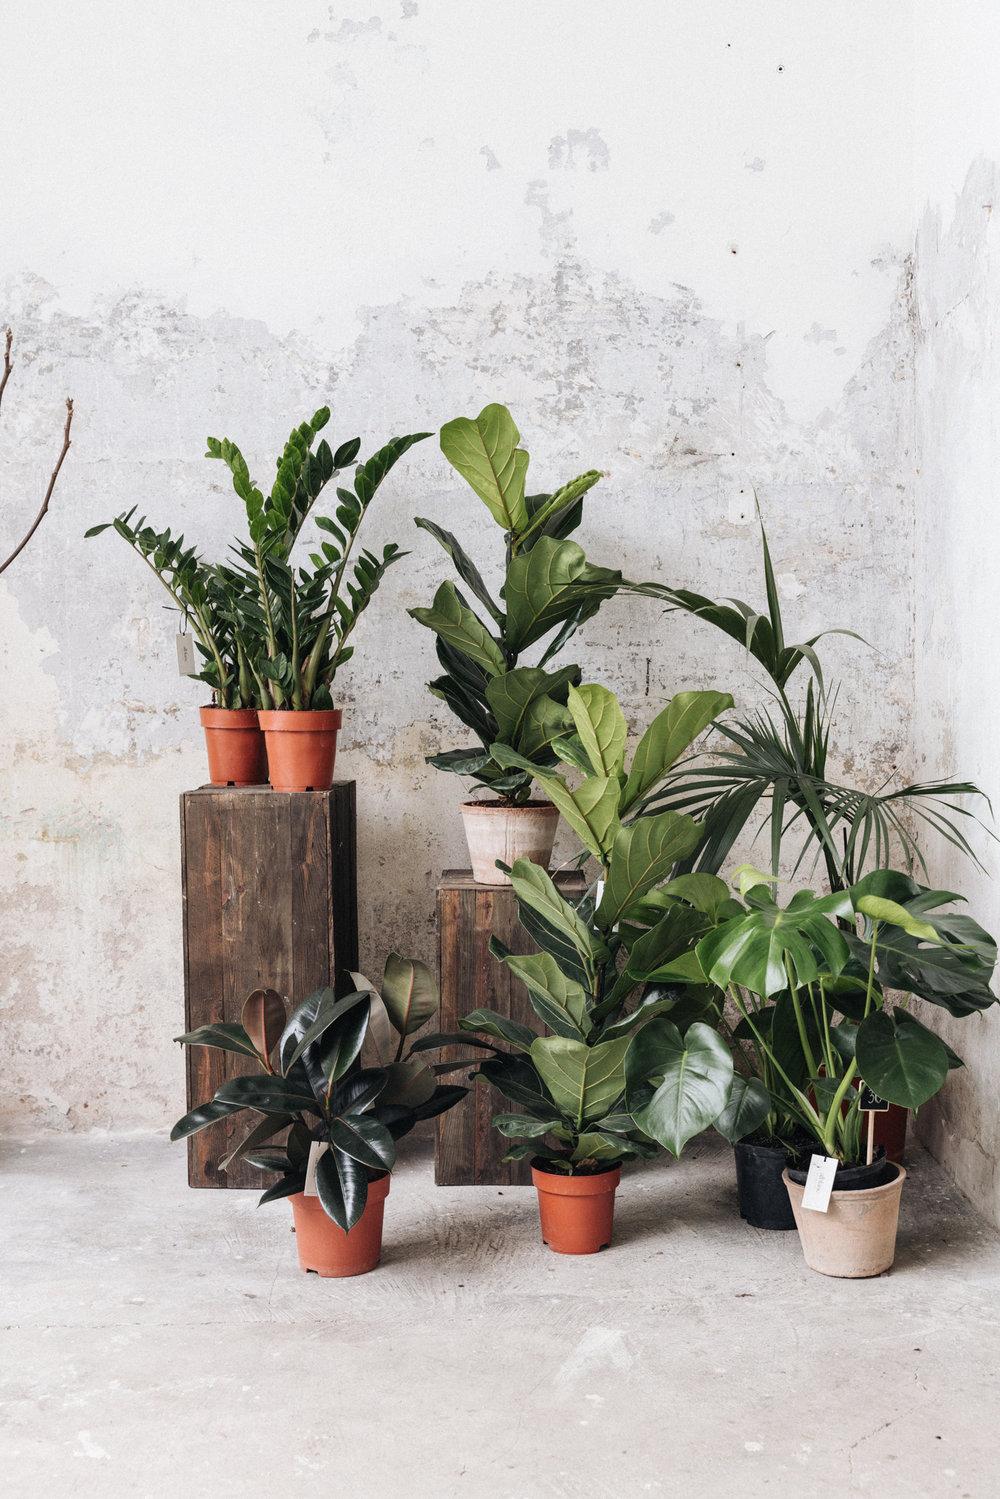 alquiler espacio barcelona plantas 3.jpg